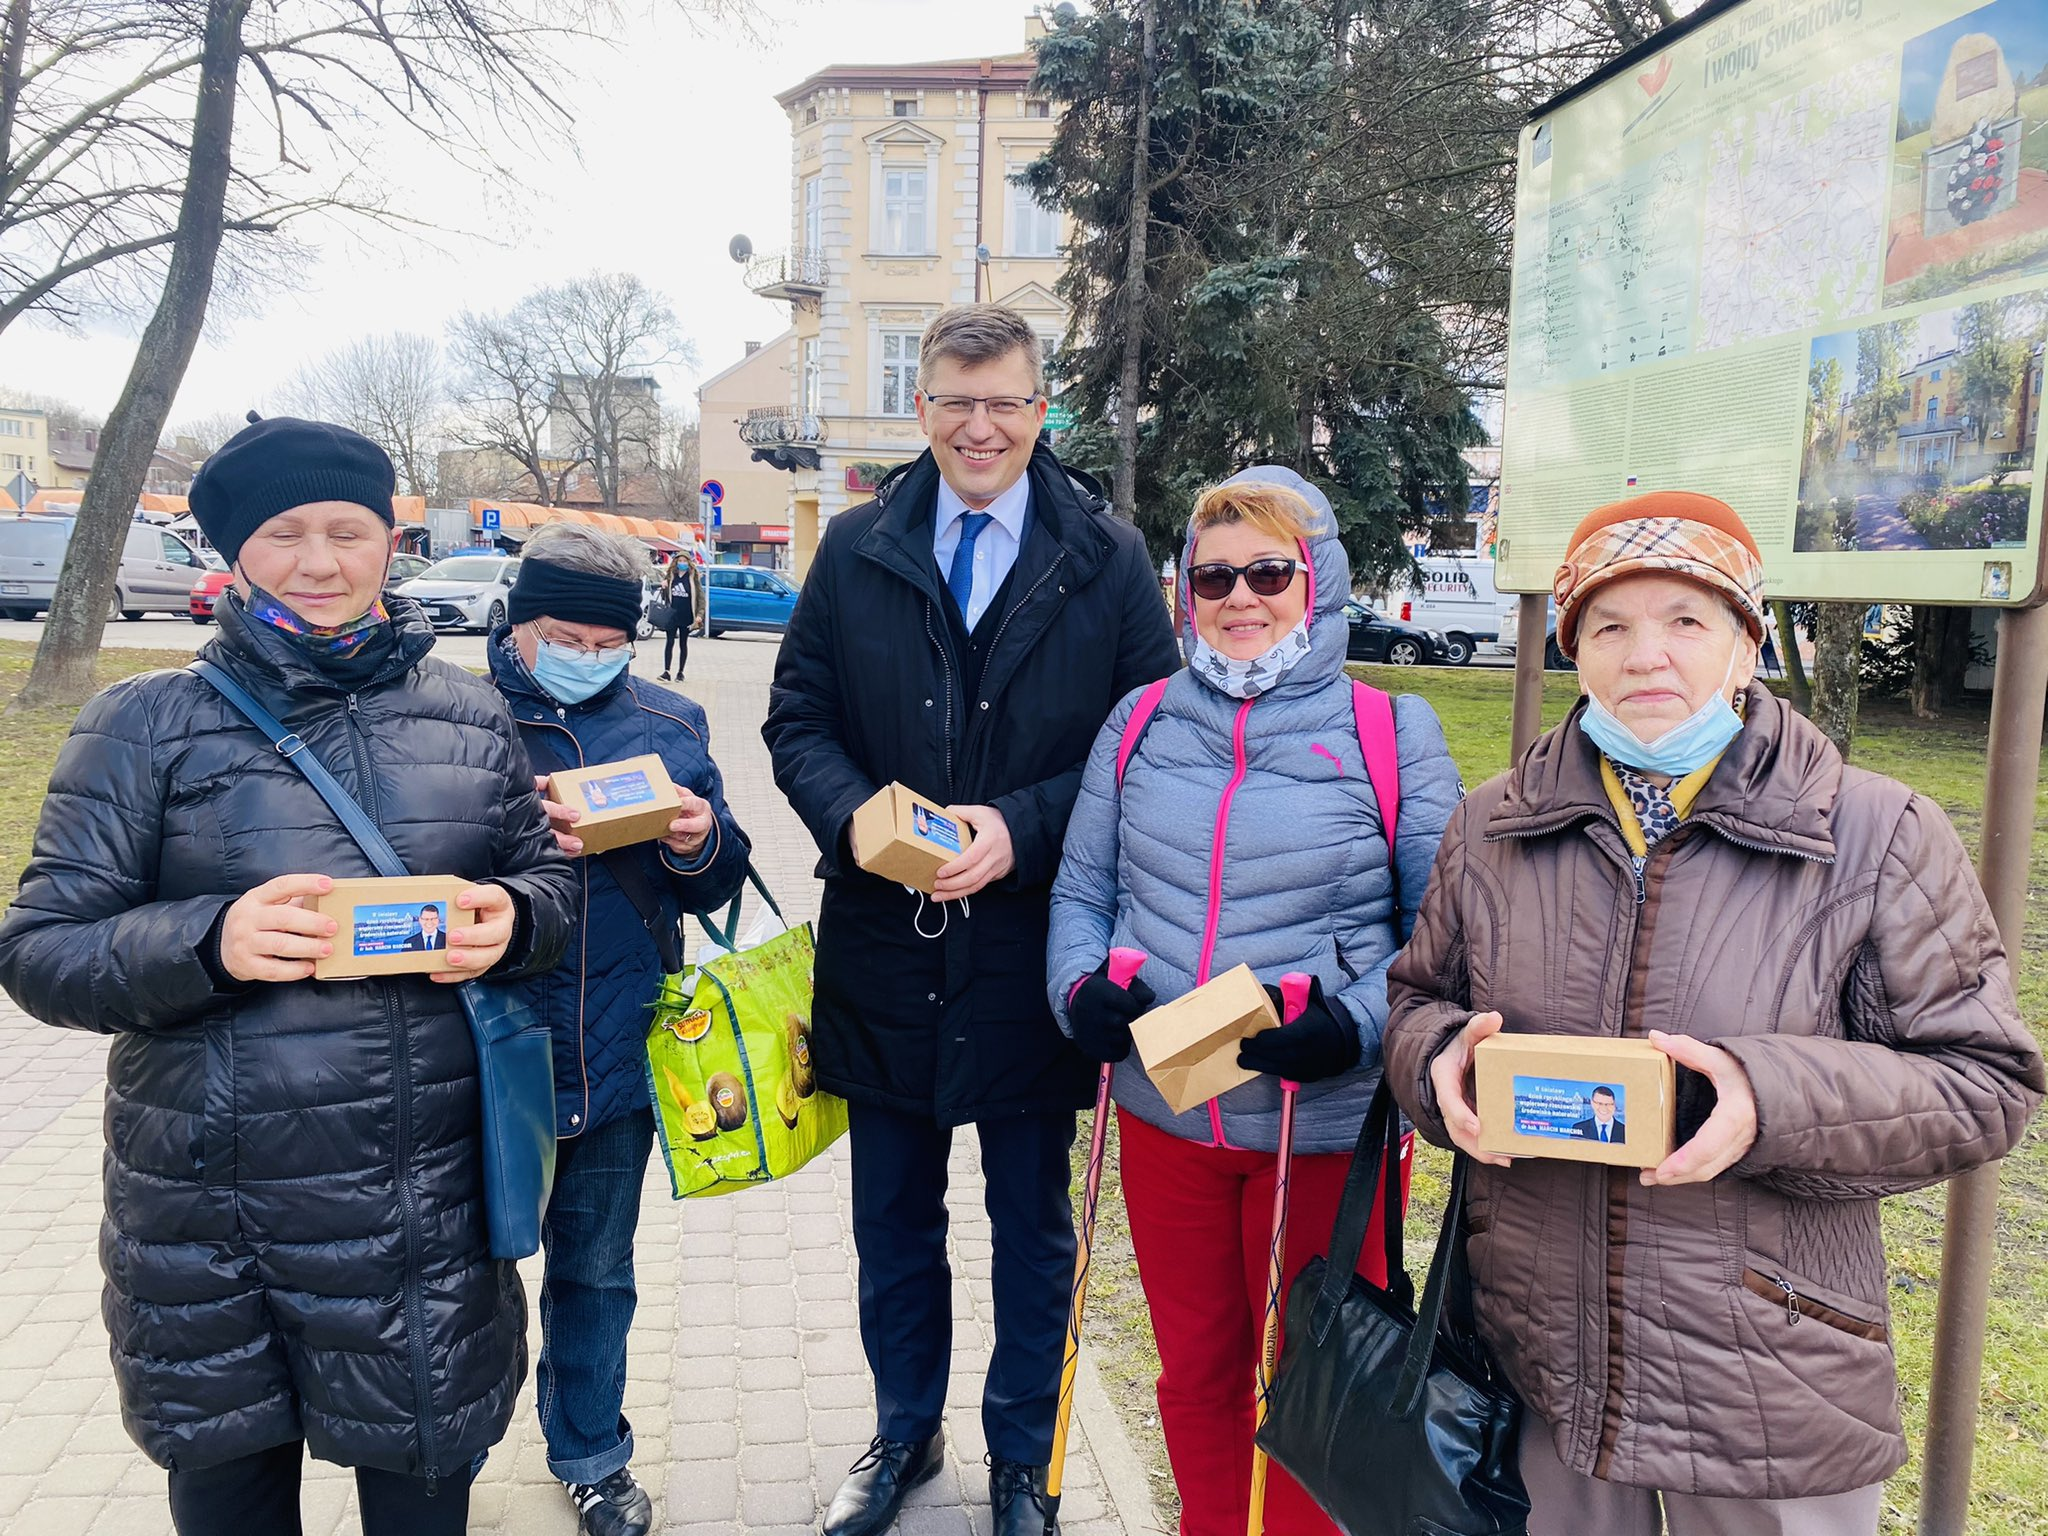 Rzeszów, 18 marca 2021, źródło: profil na Twitterze Marcina Warchoła kandydata Solidarnej Polski na prezydenta miasta